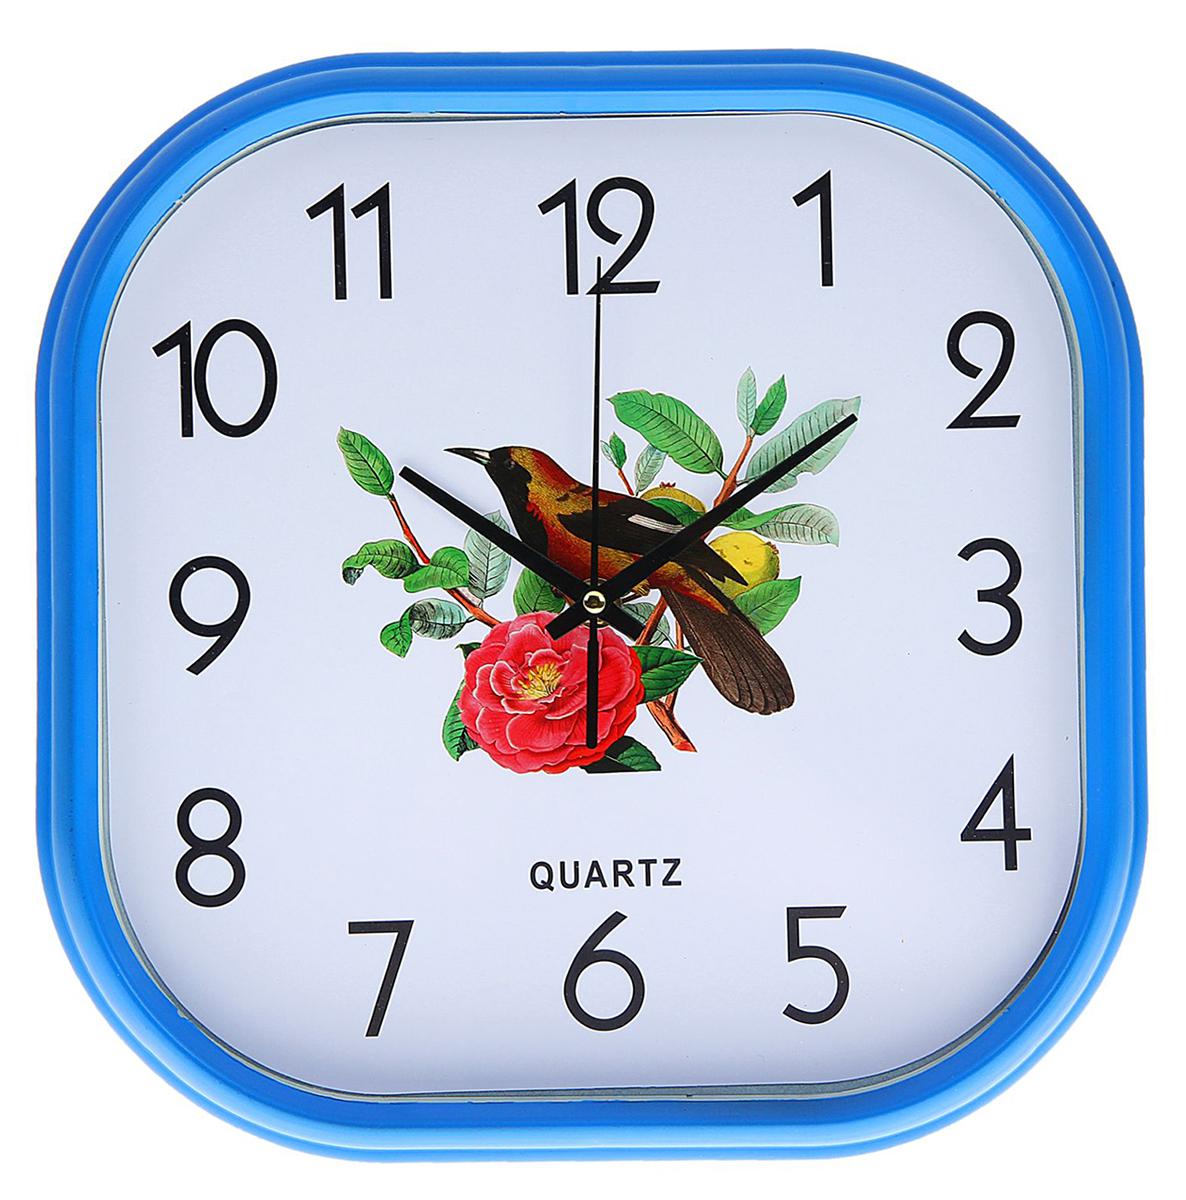 Часы настенные Соловей, 30 х 30 см1104449Каждому хозяину периодически приходит мысль обновить свою квартиру, сделать ремонт, перестановку или кардинально поменять внешний вид каждой комнаты. Часы настенные Соловей на ветке, квадратные с закругленными углами, 30 ? 30 см, синяя рама — привлекательная деталь, которая поможет воплотить вашу интерьерную идею, создать неповторимую атмосферу в вашем доме. Окружите себя приятными мелочами, пусть они радуют глаз и дарят гармонию.Часы настенные синяя оправа Соловей 30х30х5,5 см 1104449